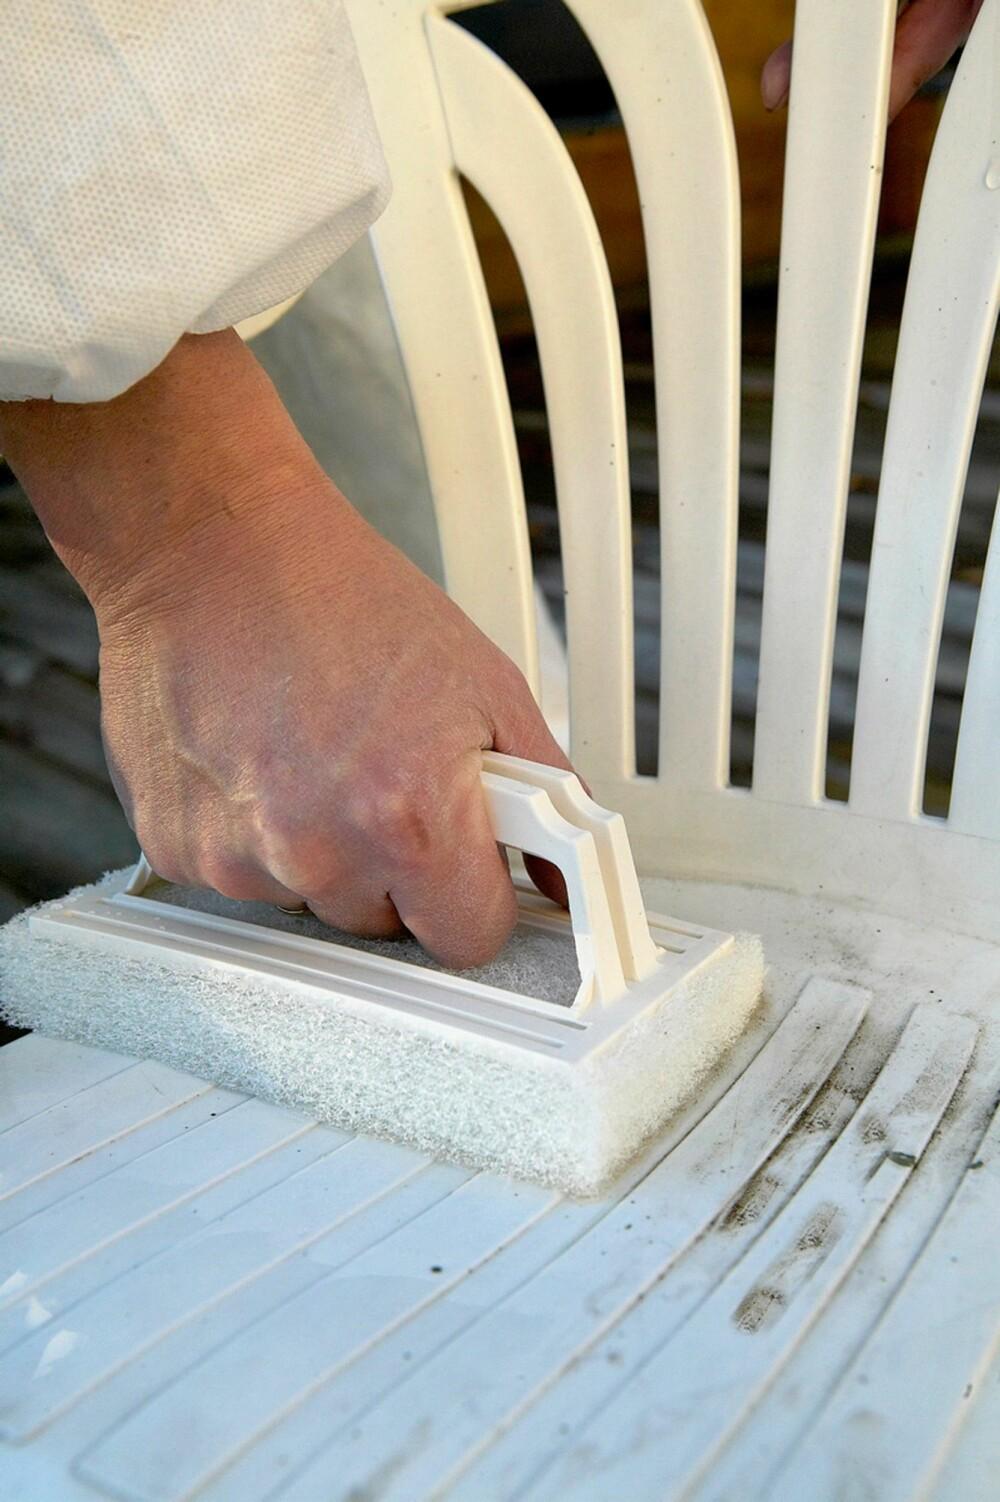 SETT INN MED VOKS: Ifi anbefaler å vaske plastmøblene godt, og deretter sette dem inn med voks.